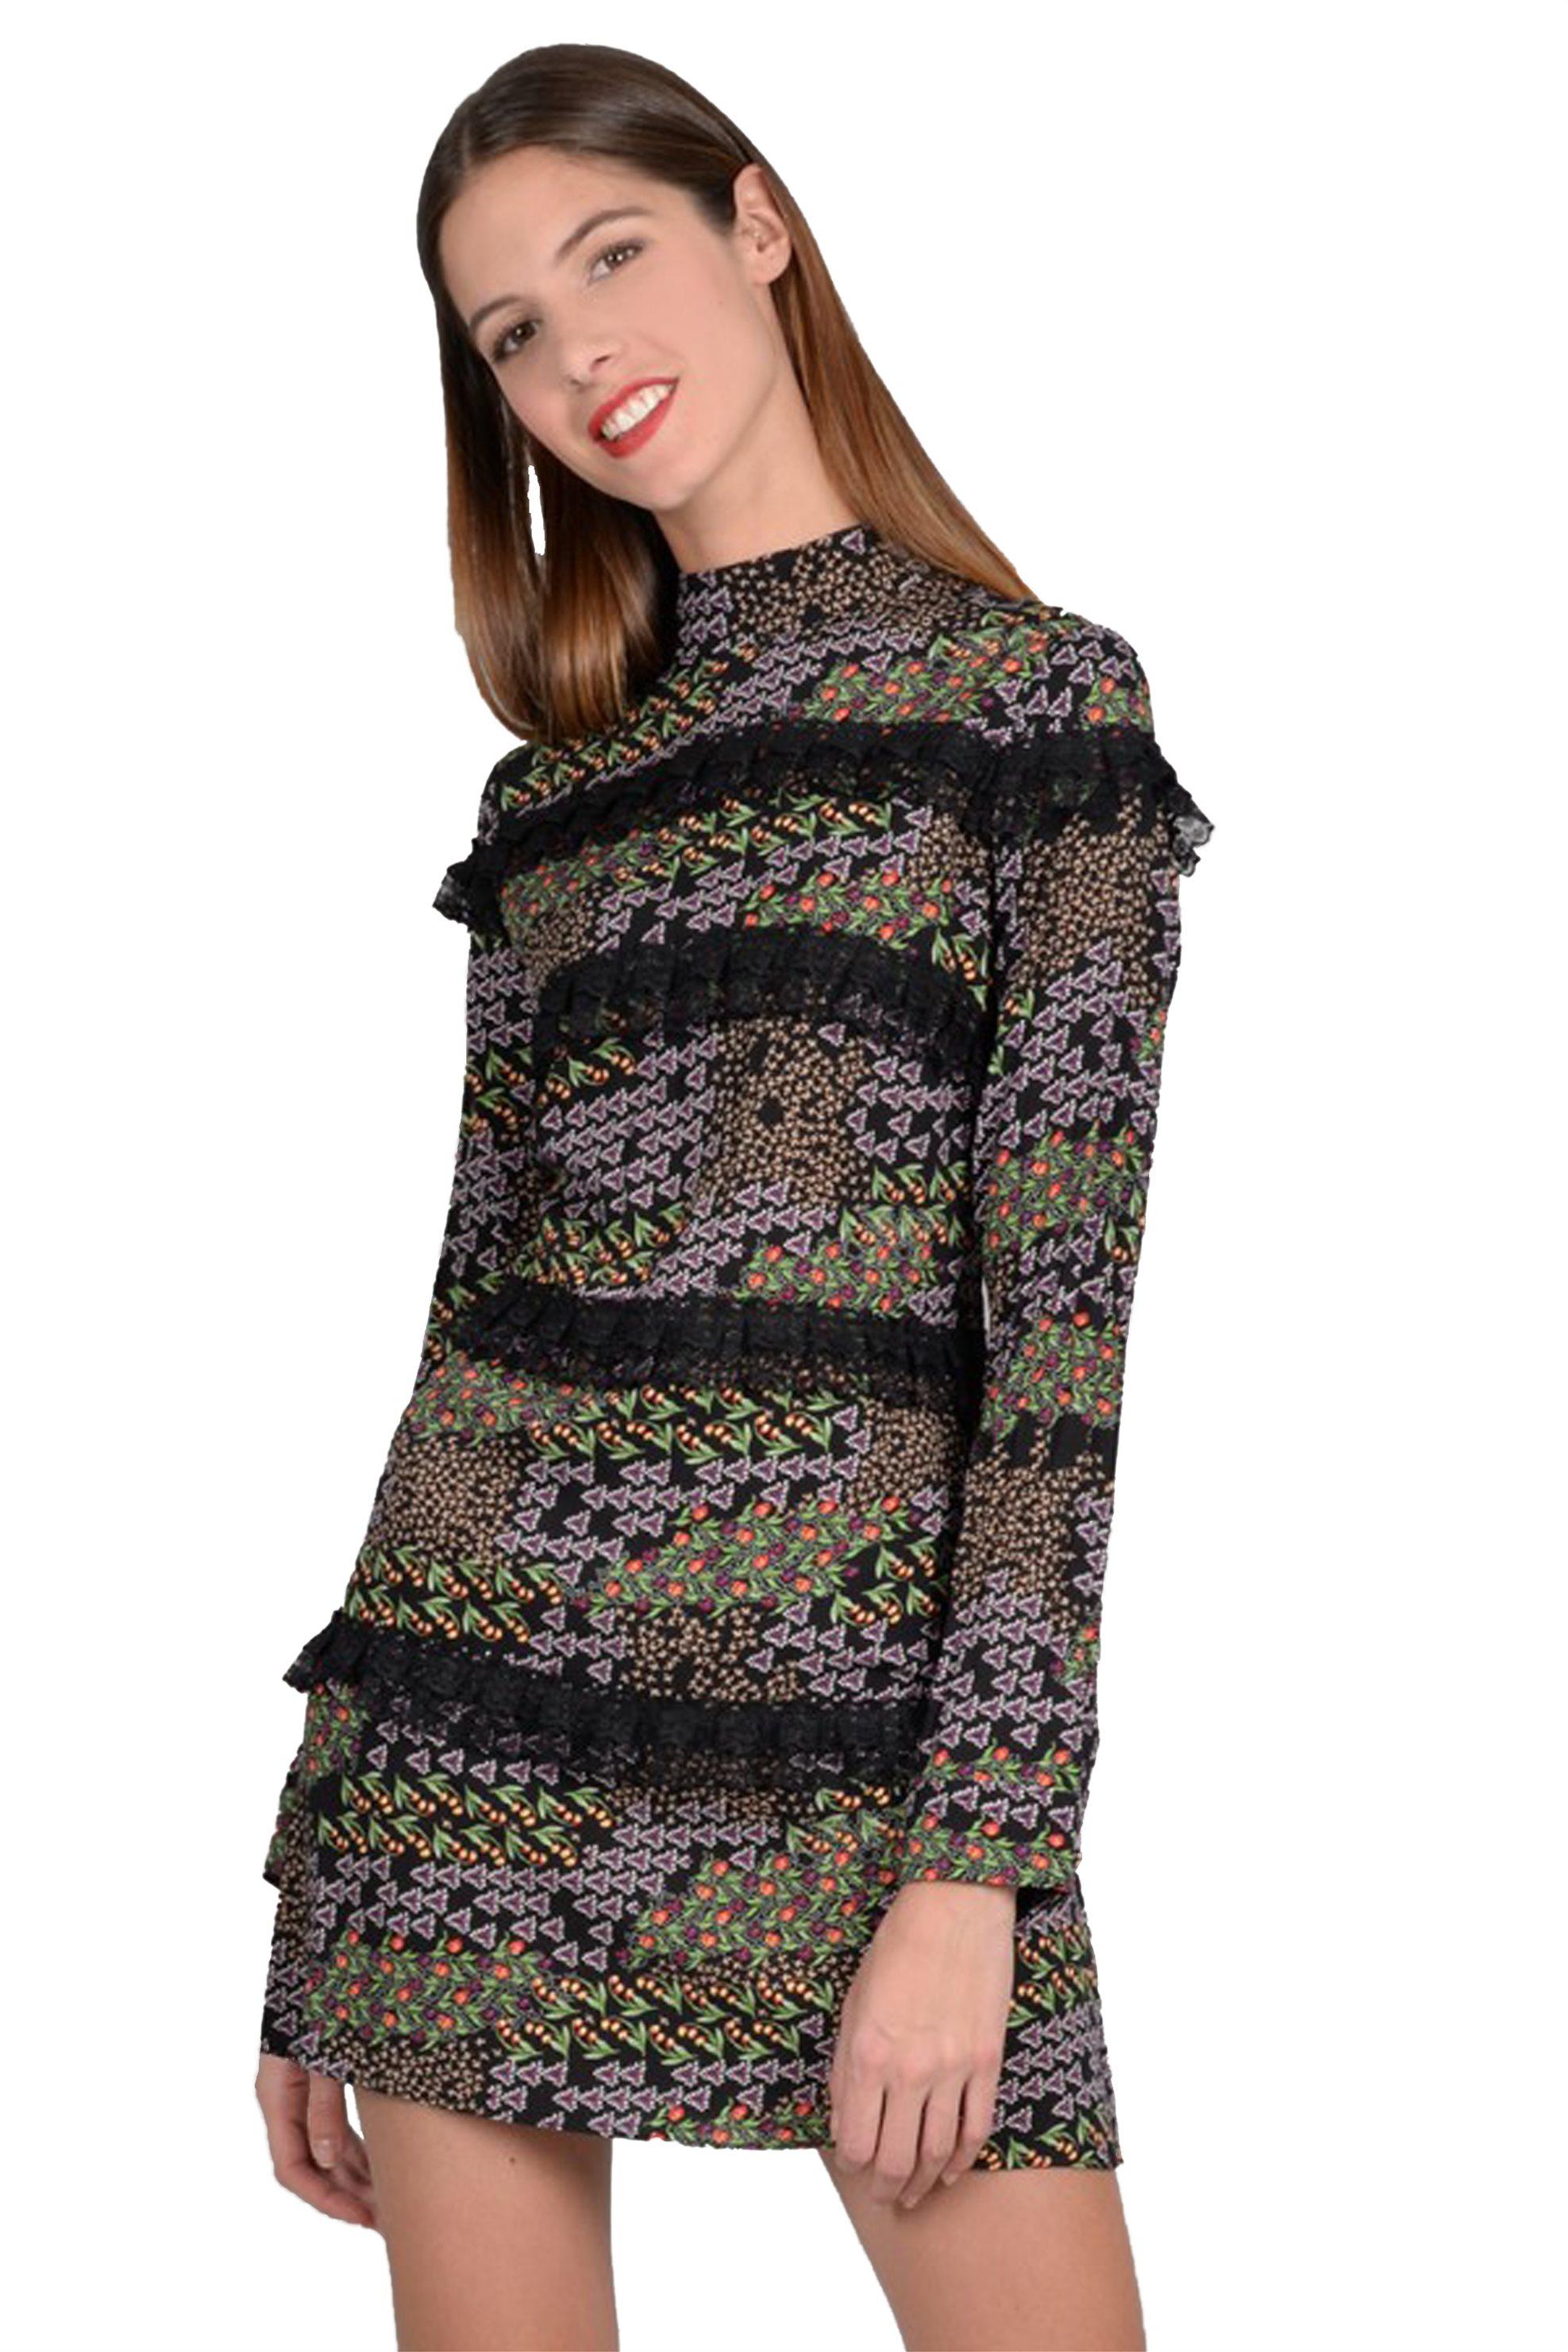 7a59124735a8 Μαύρα Γυναικεία Φορέματα Online - Σελίδα 56